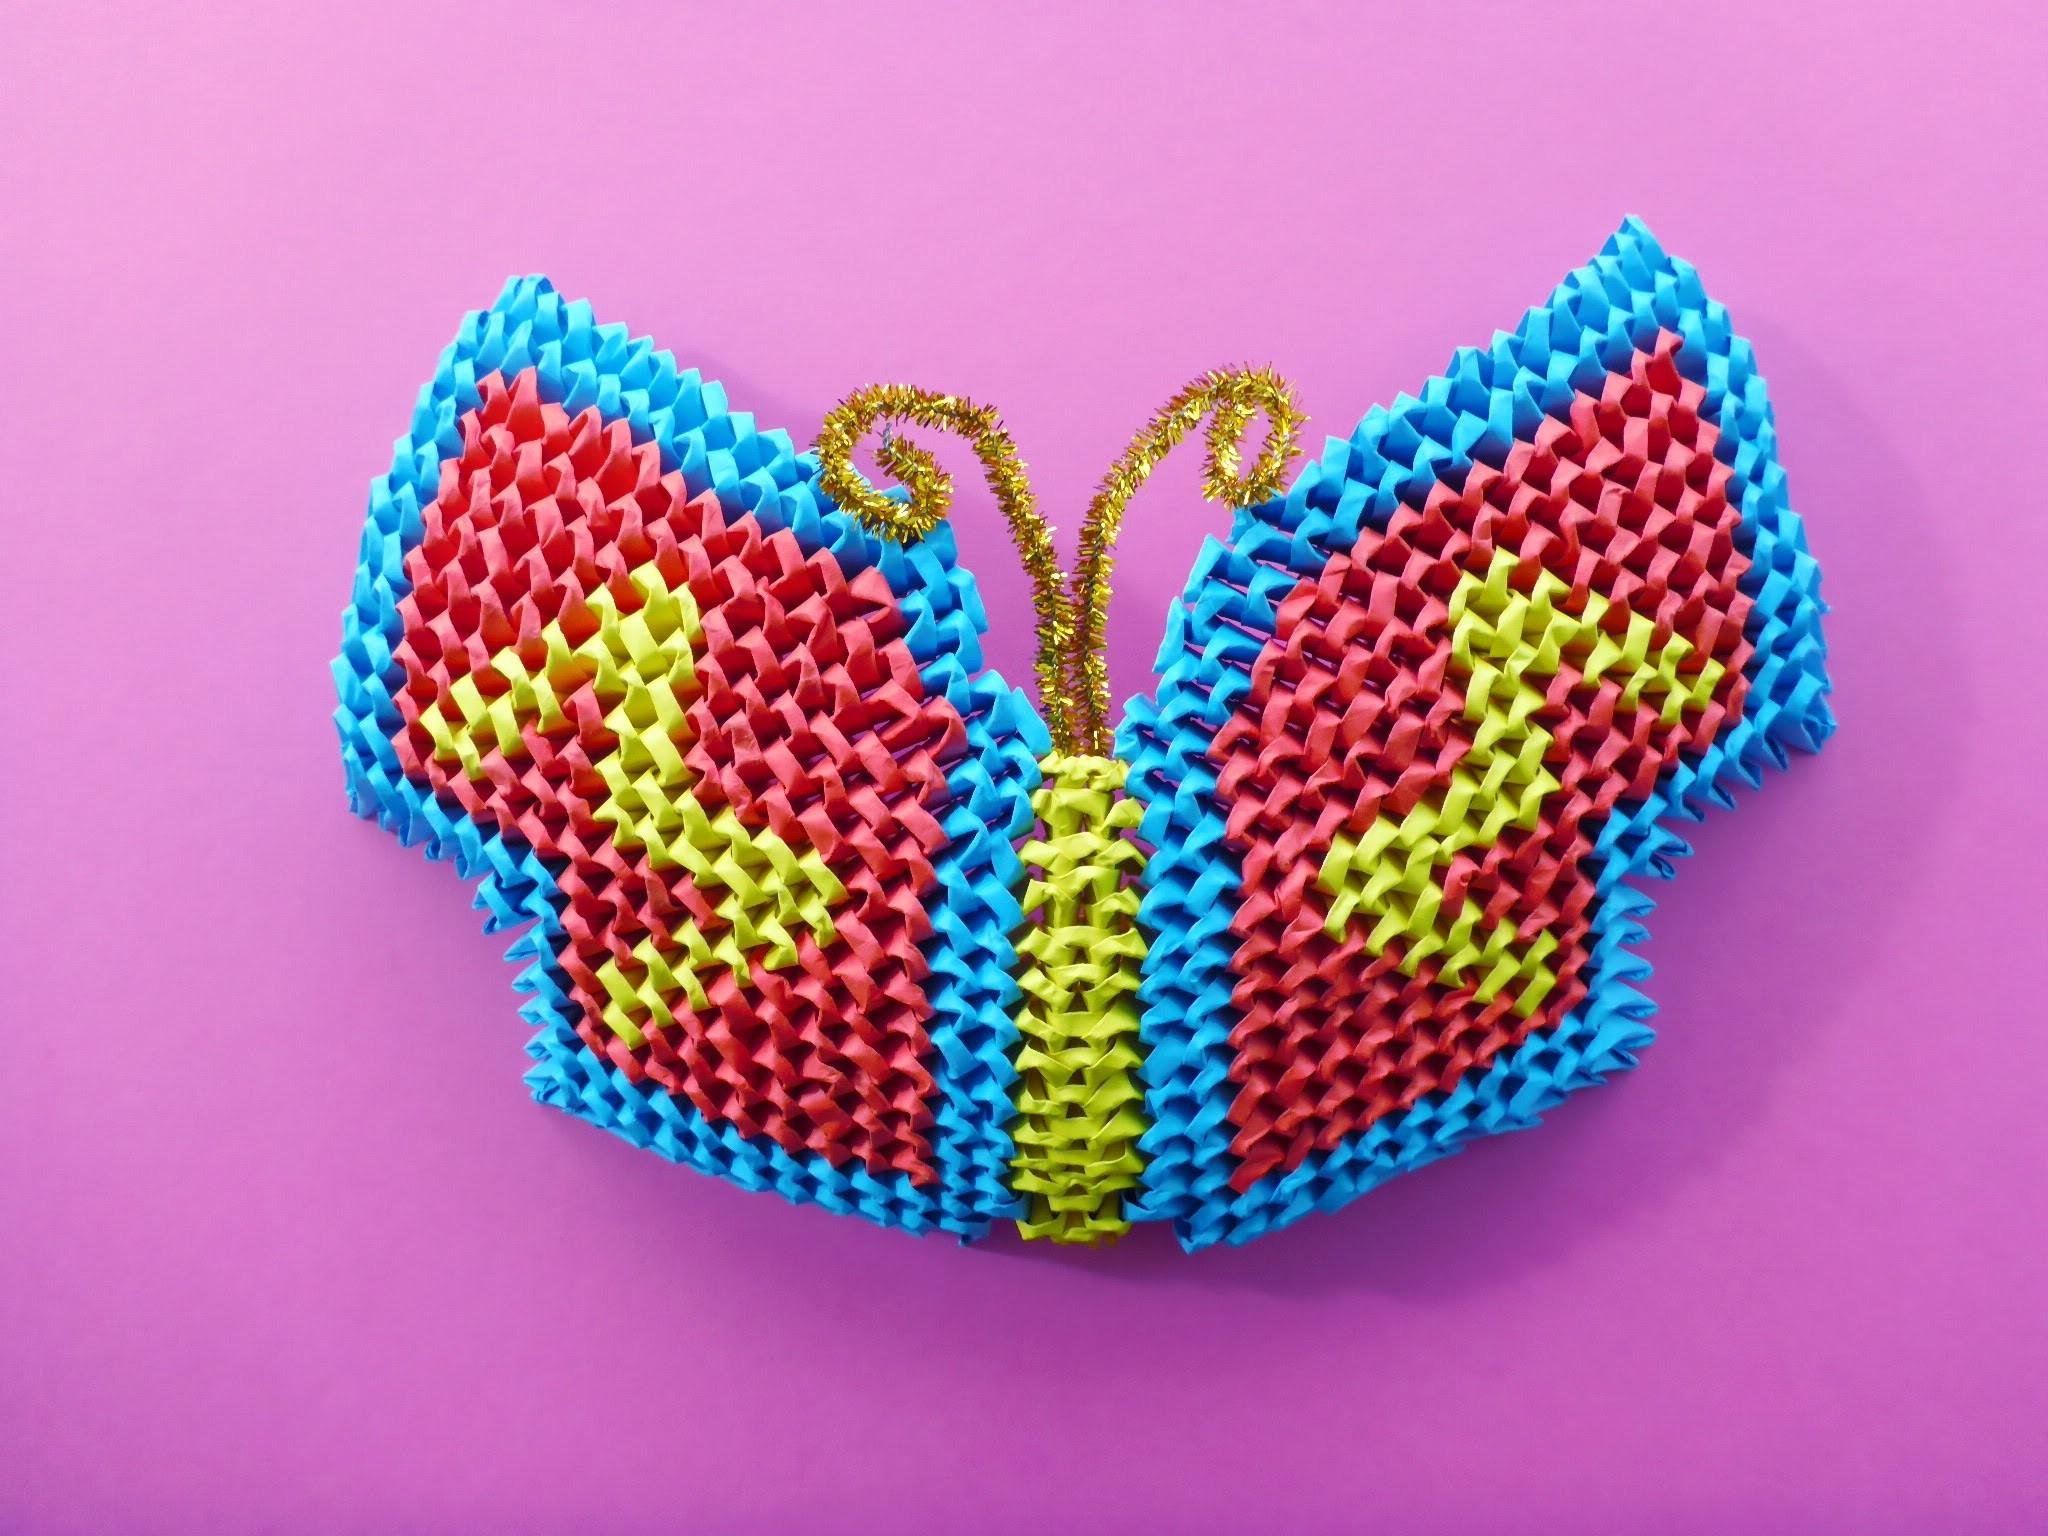 DIY Origami 3D Schmetterling Geschenk Gift Ideas Butterfly Tutorial Anleitung